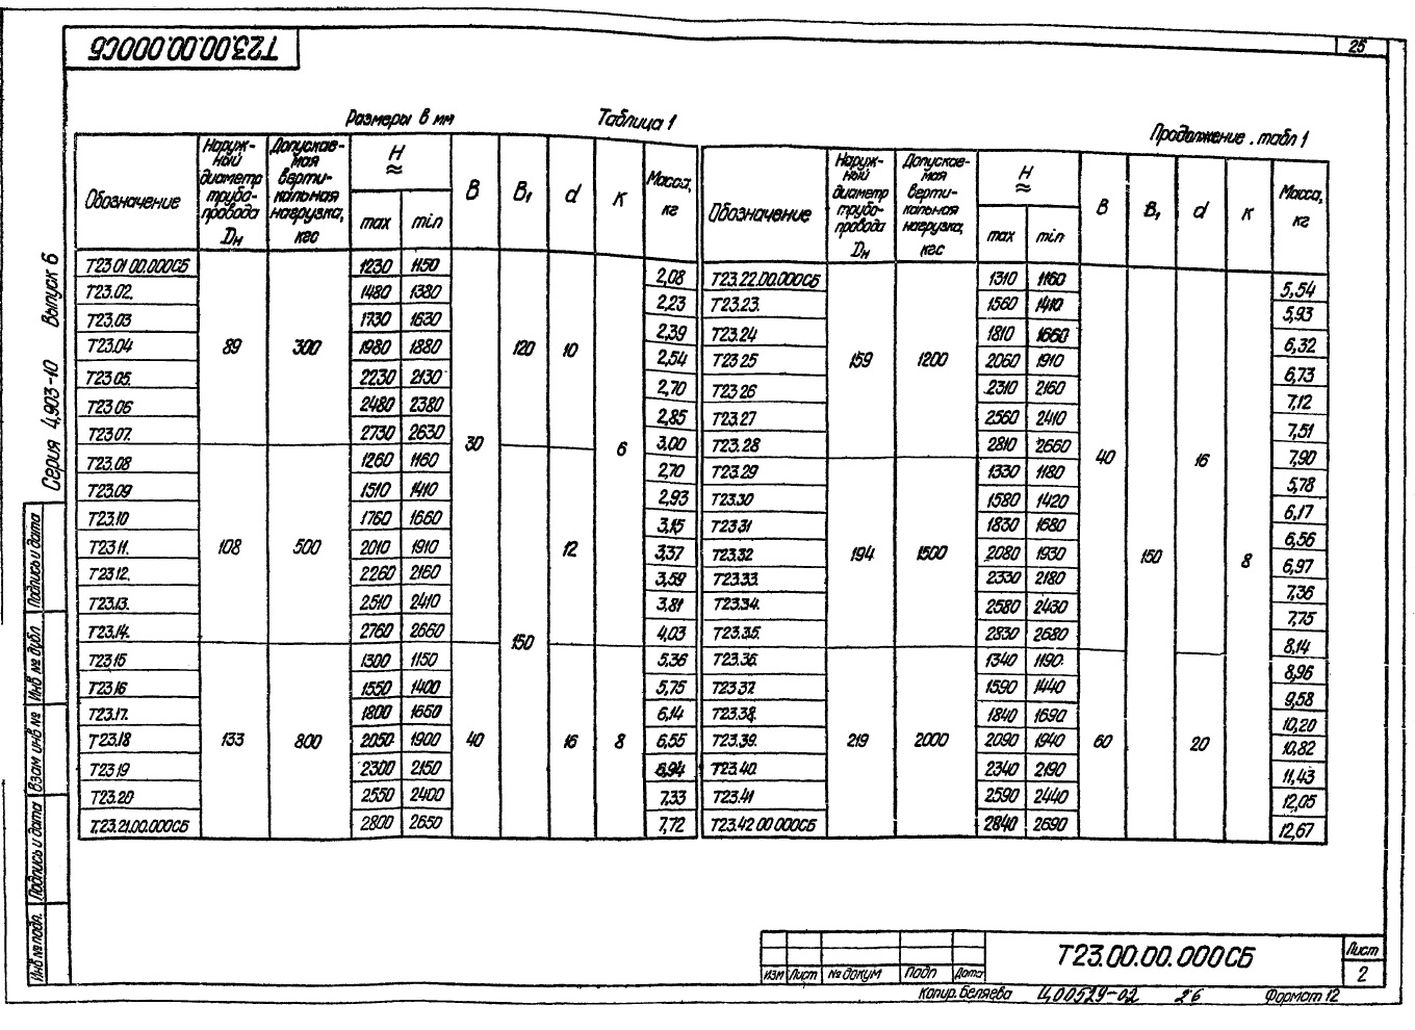 Опора подвижная жесткая Т23 с.4.903-10 вып.6 стр.2